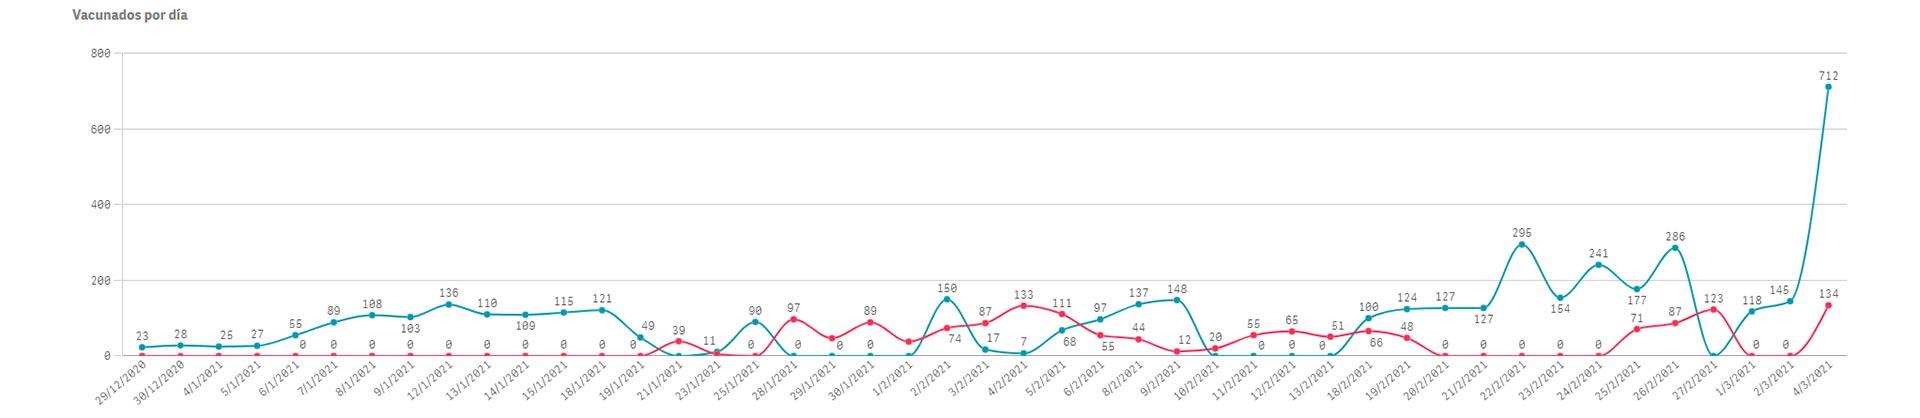 El listado de vacunados por día en el municipio de San Nicolás. La línea azul representa a las personas inmunizadas con la primera dosis, y la roja aplica sobre la segunda dosis.